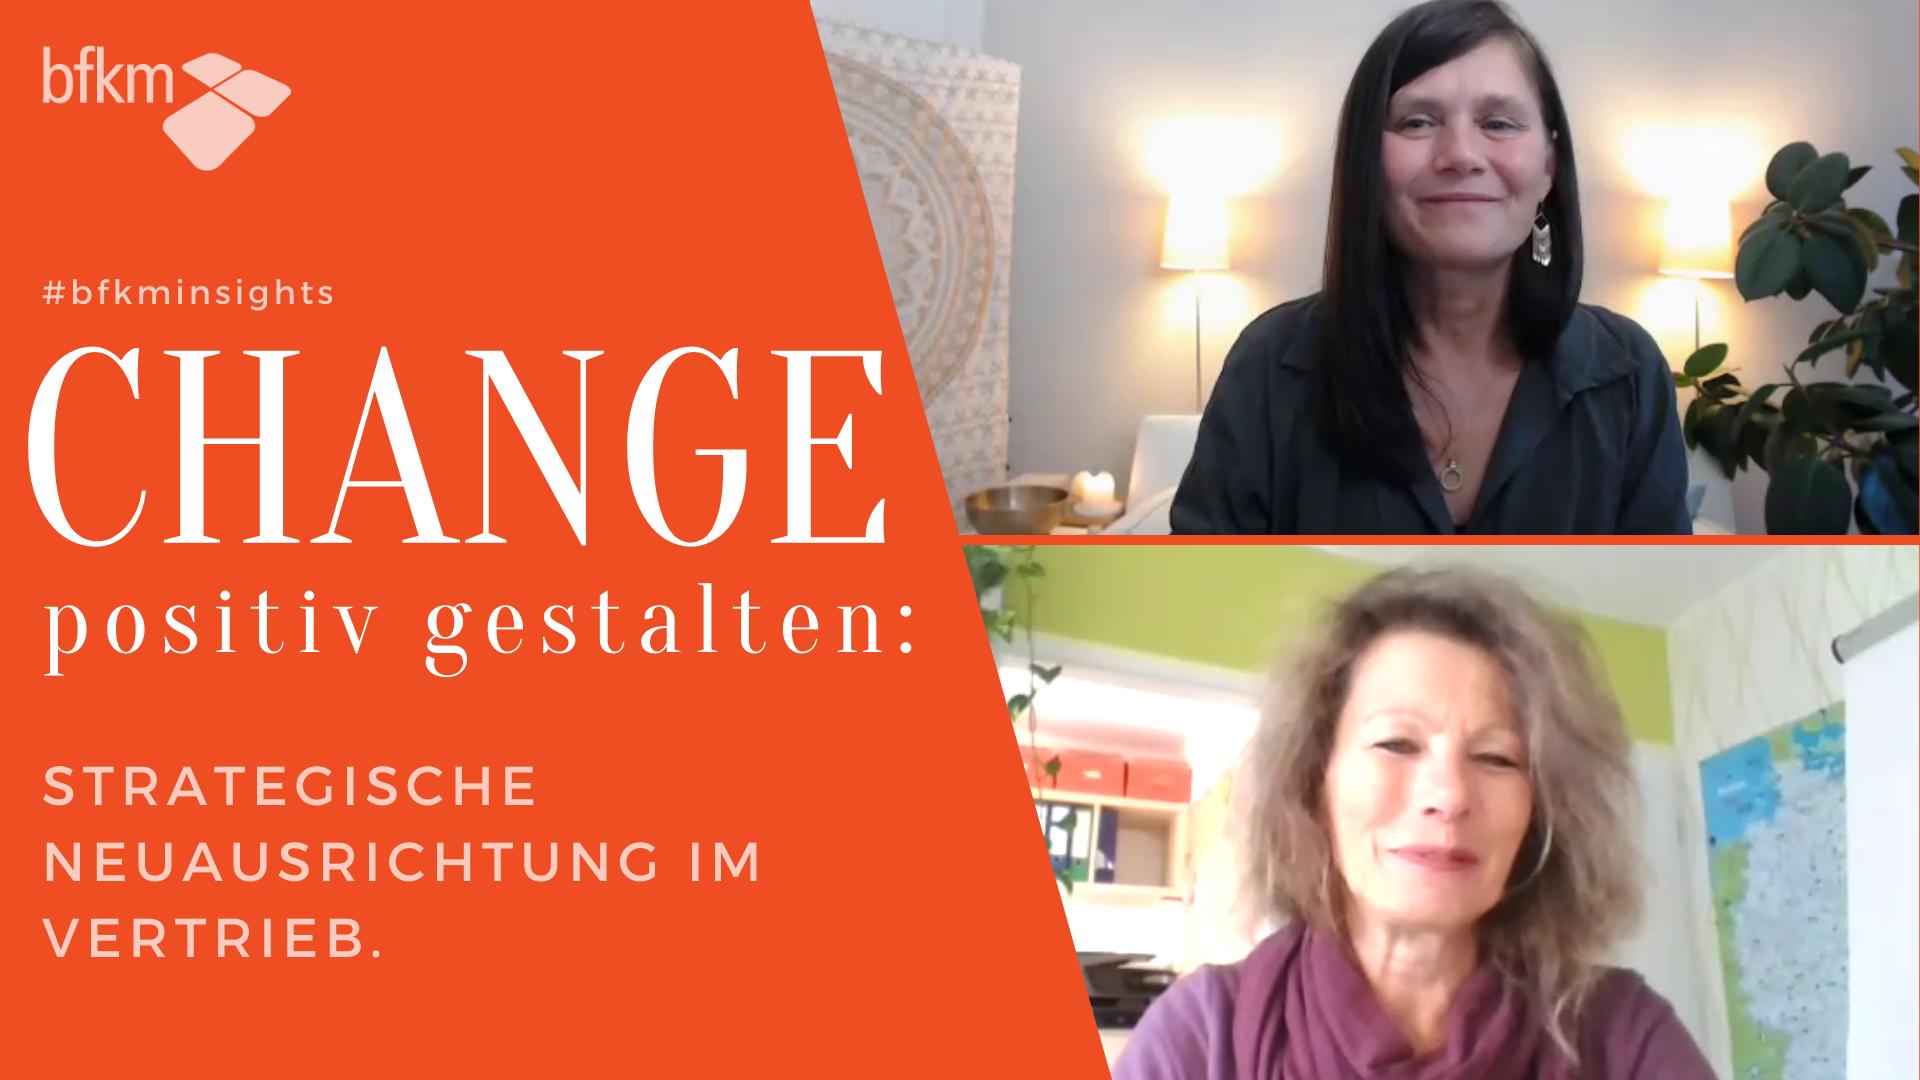 Change positiv gestalten: Strategische Neuausrichtung im Vertrieb